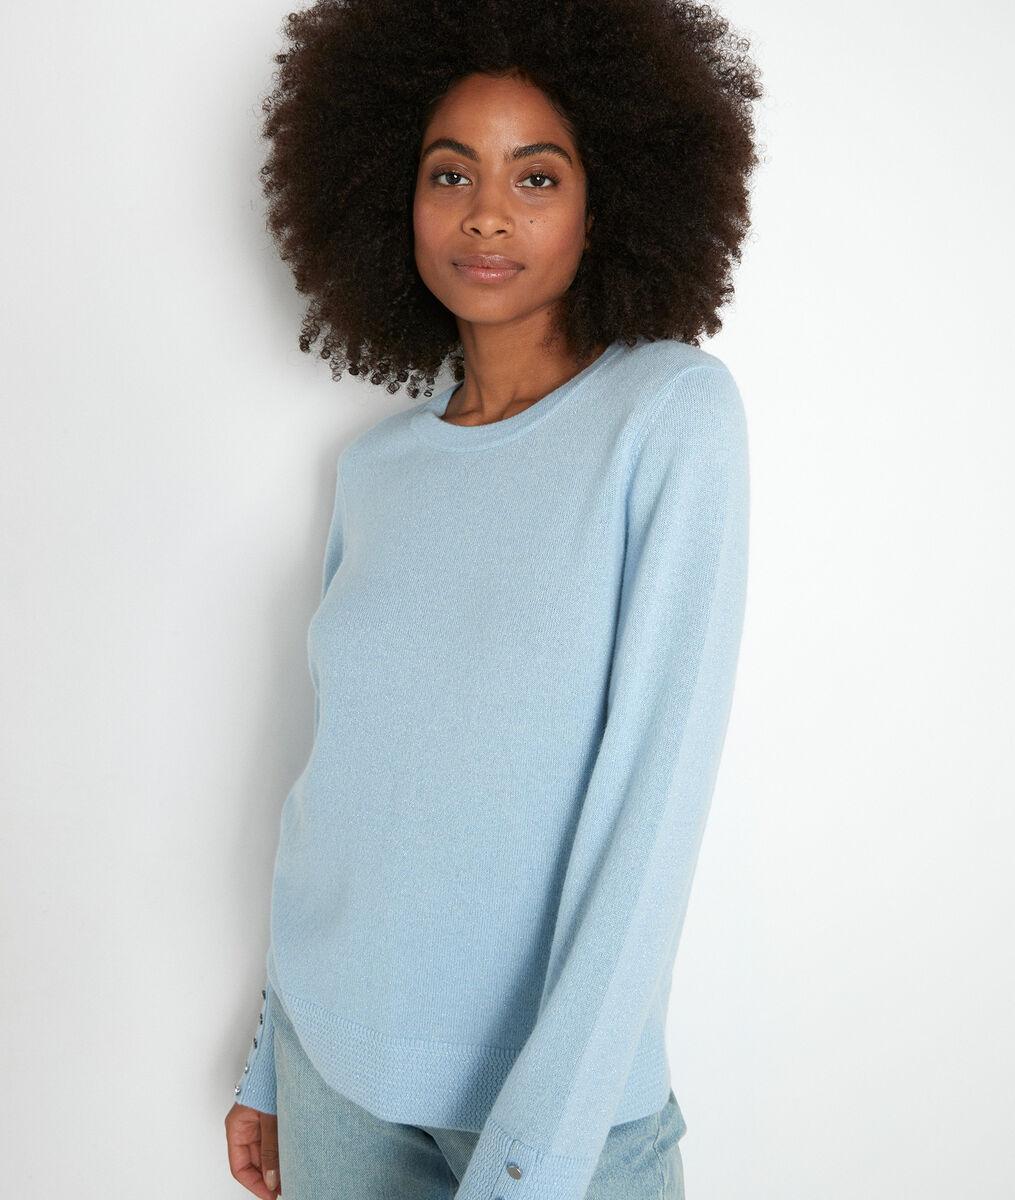 Hemelsblauwe klassieke trui van gerecycled kasjmier Tim PhotoZ   1-2-3